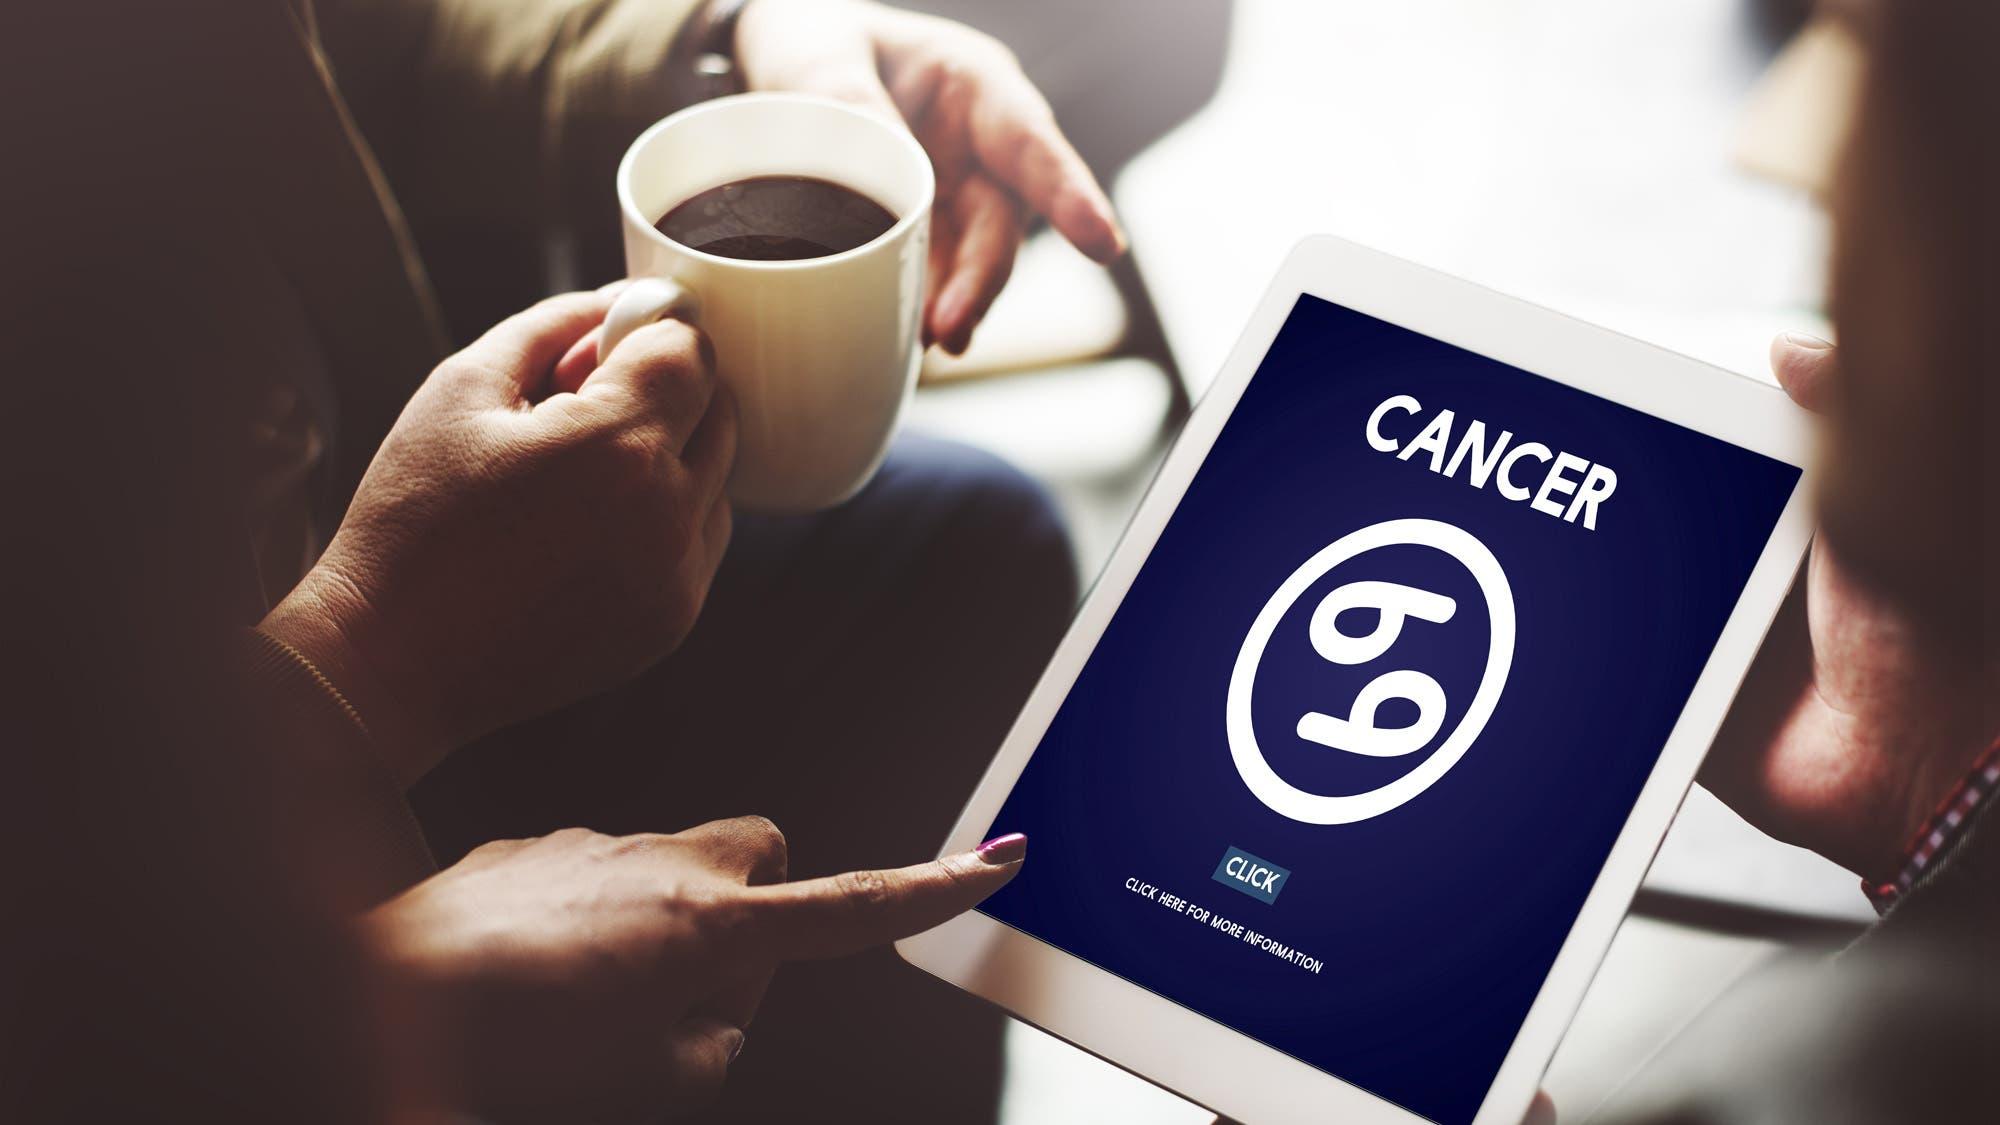 Signo cancer que elemento es